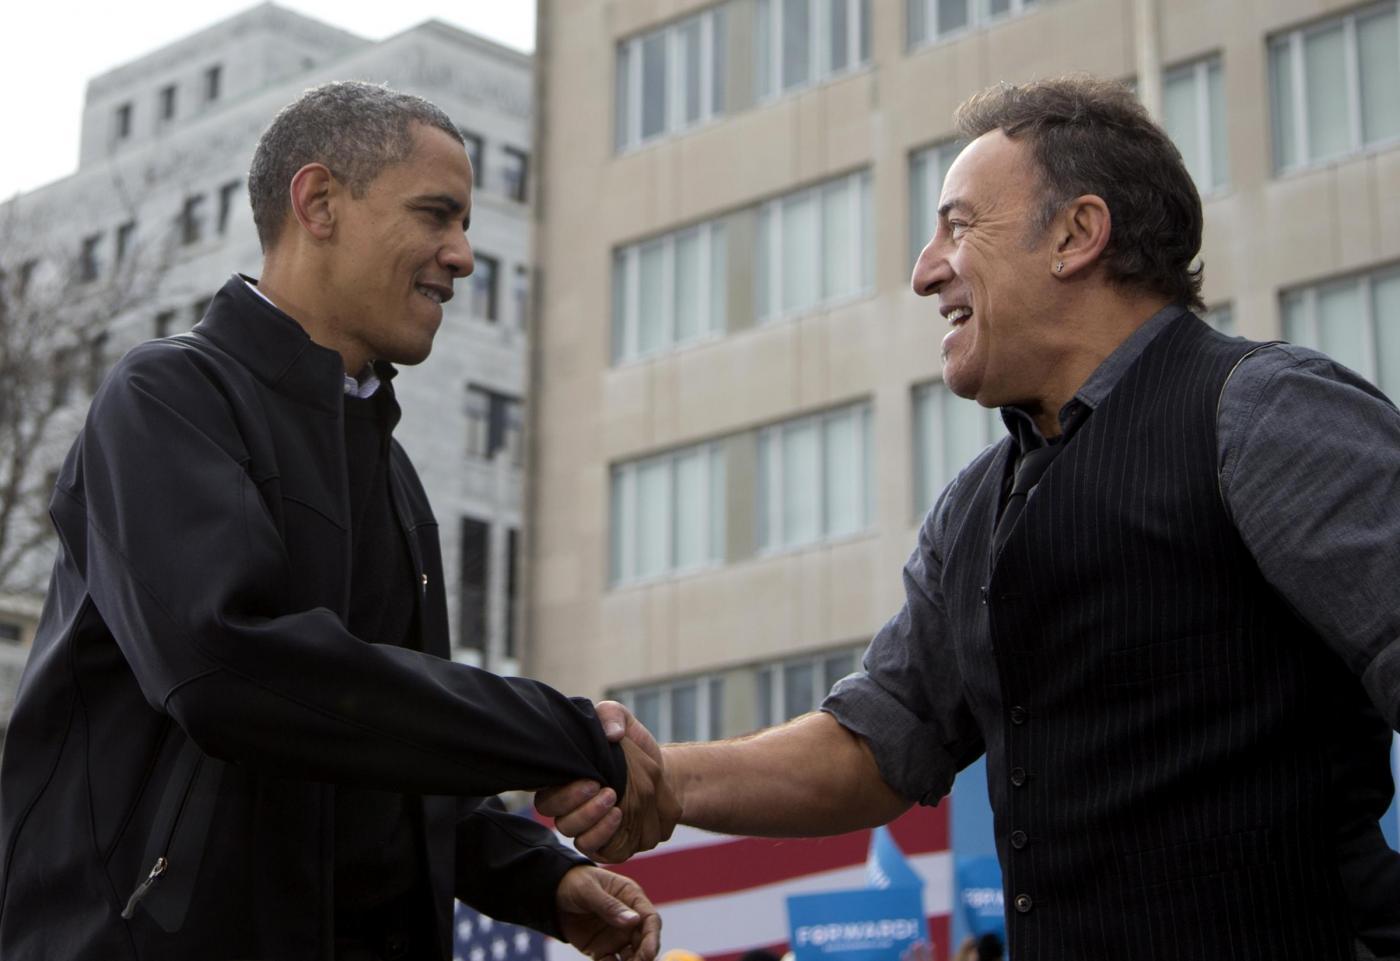 Elezioni USA, Bruce Springsteen suona per Obama07